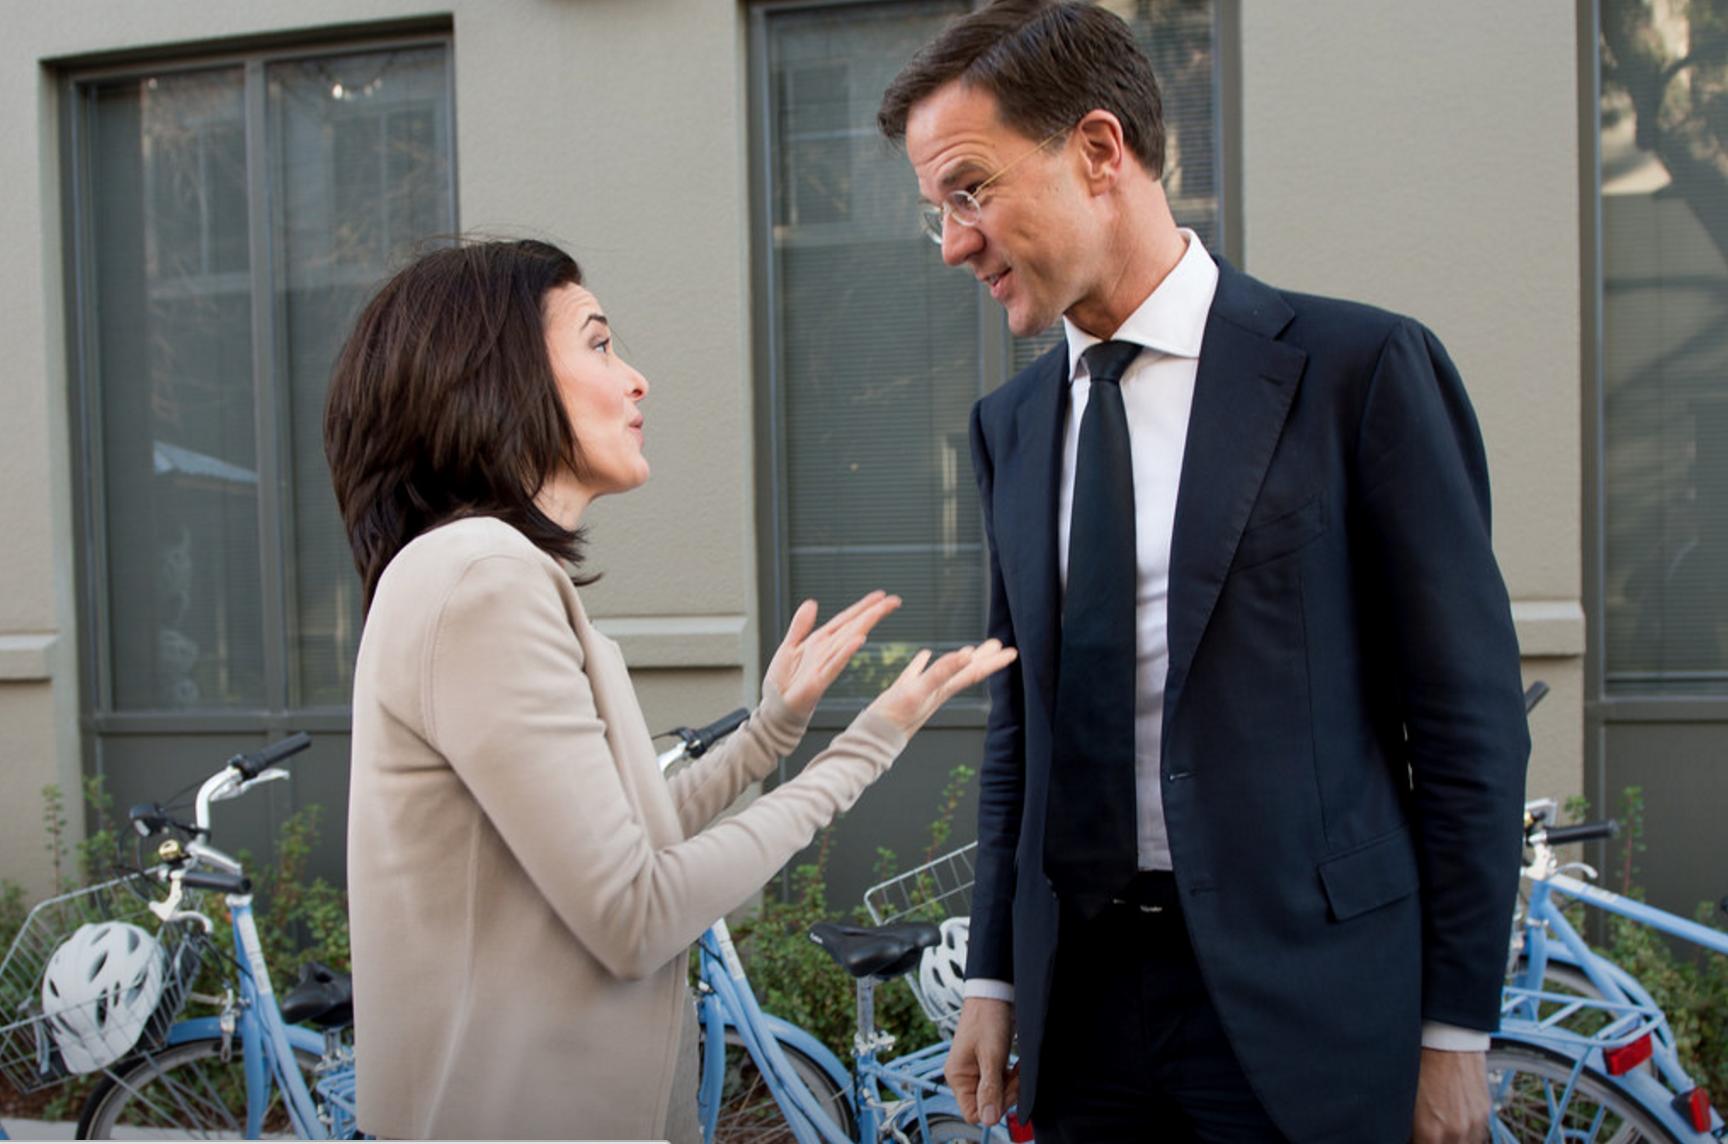 Rutte träffar Facebooks Sheryl Sandberg, som kom 15 minuter för sent till mötet med EU-toppen.